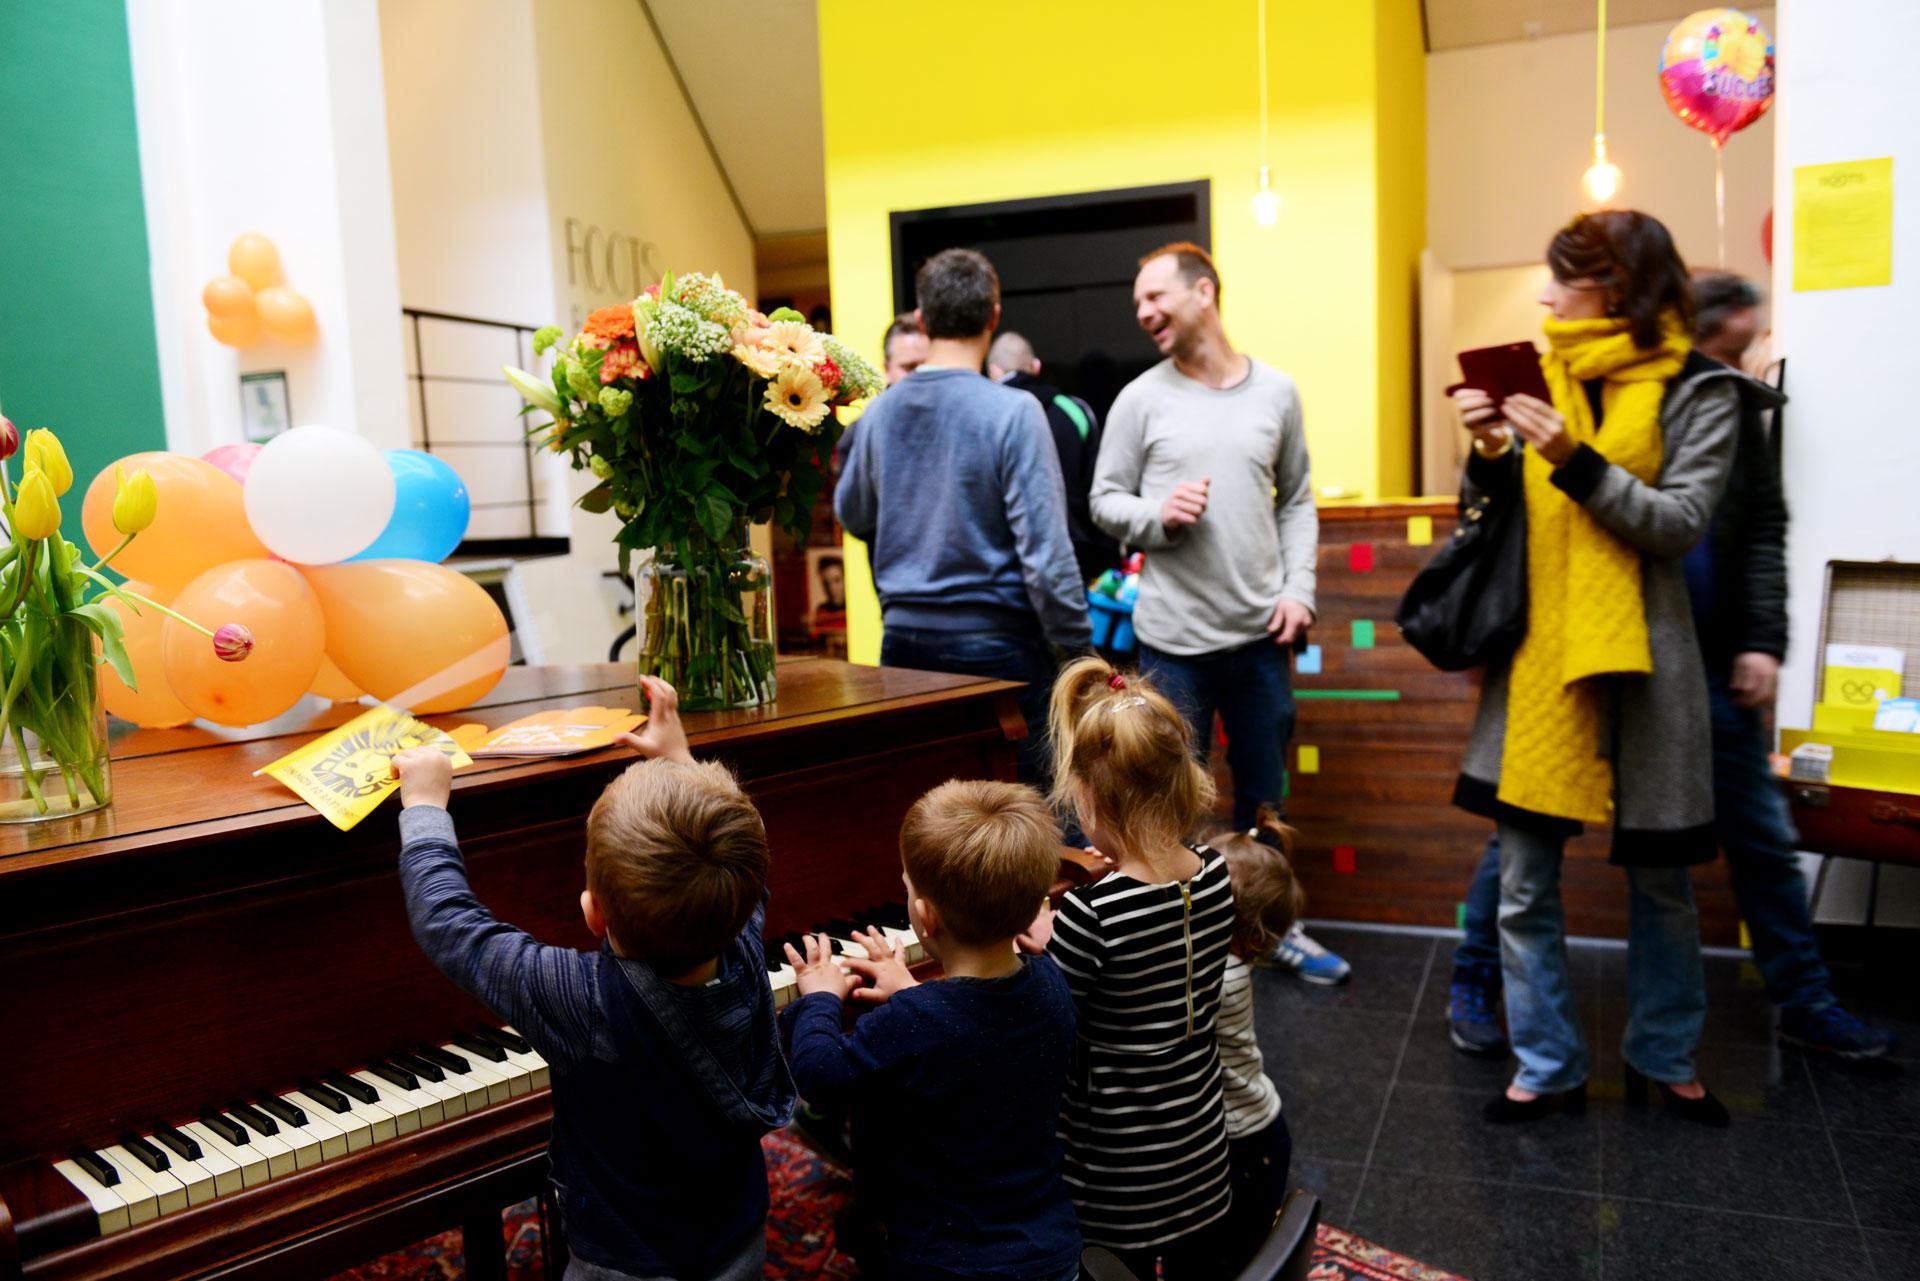 Hostel-Roots-Kamers-Tilburg-Jonge-gezinnen-Atrium